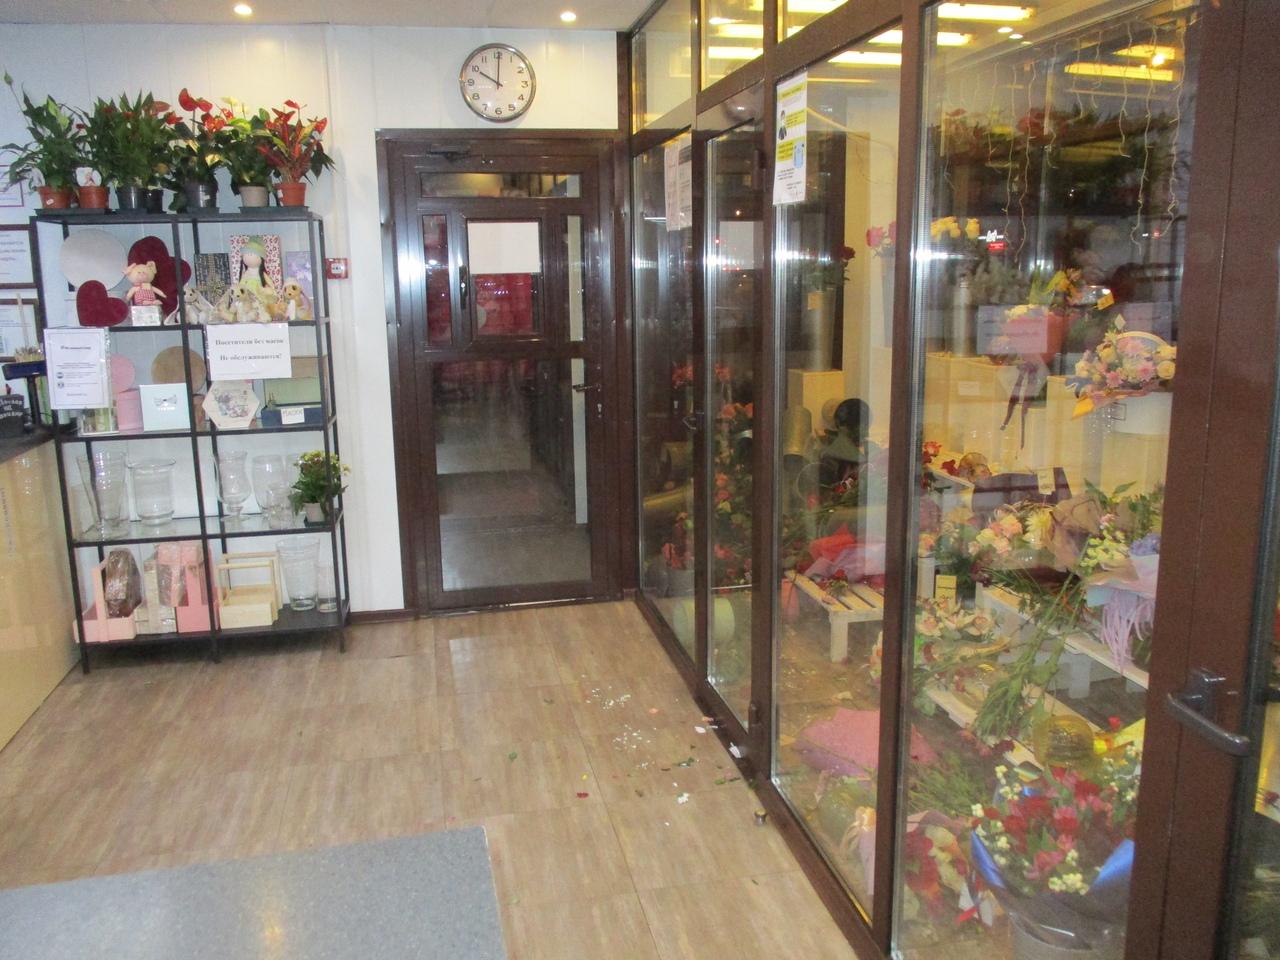 Омский уголовник зашел в цветочный магазин и не поверил своему счастью #Омск #Общество #Сегодня